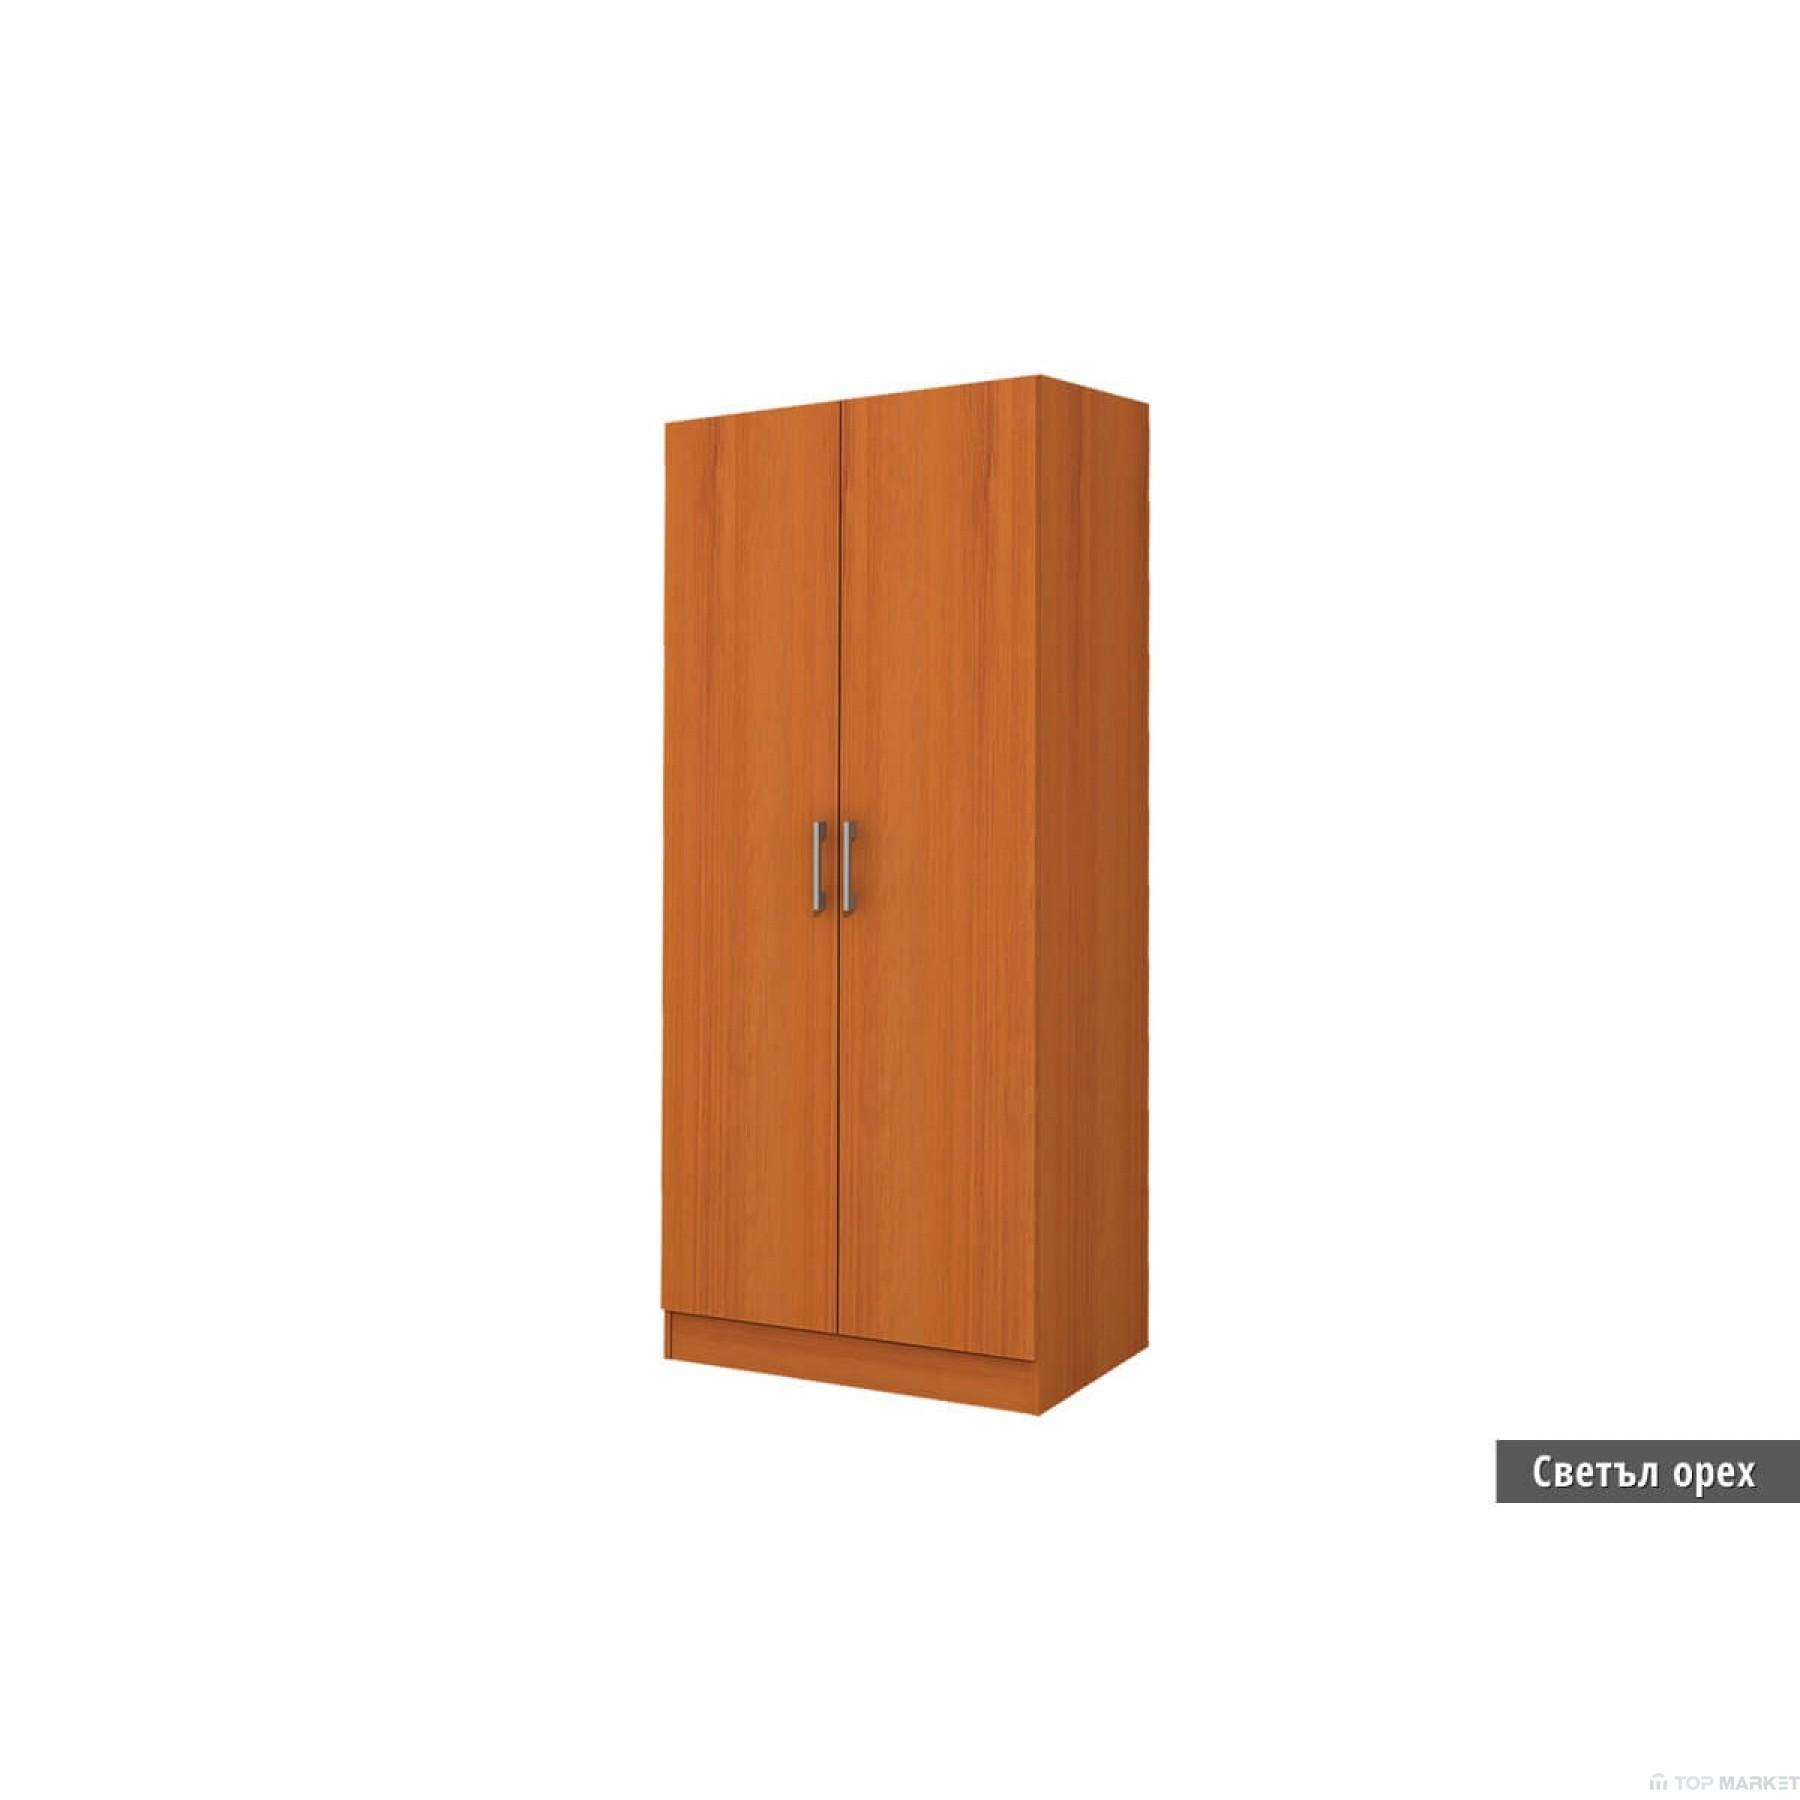 Двукрилен гардероб Аполо 1